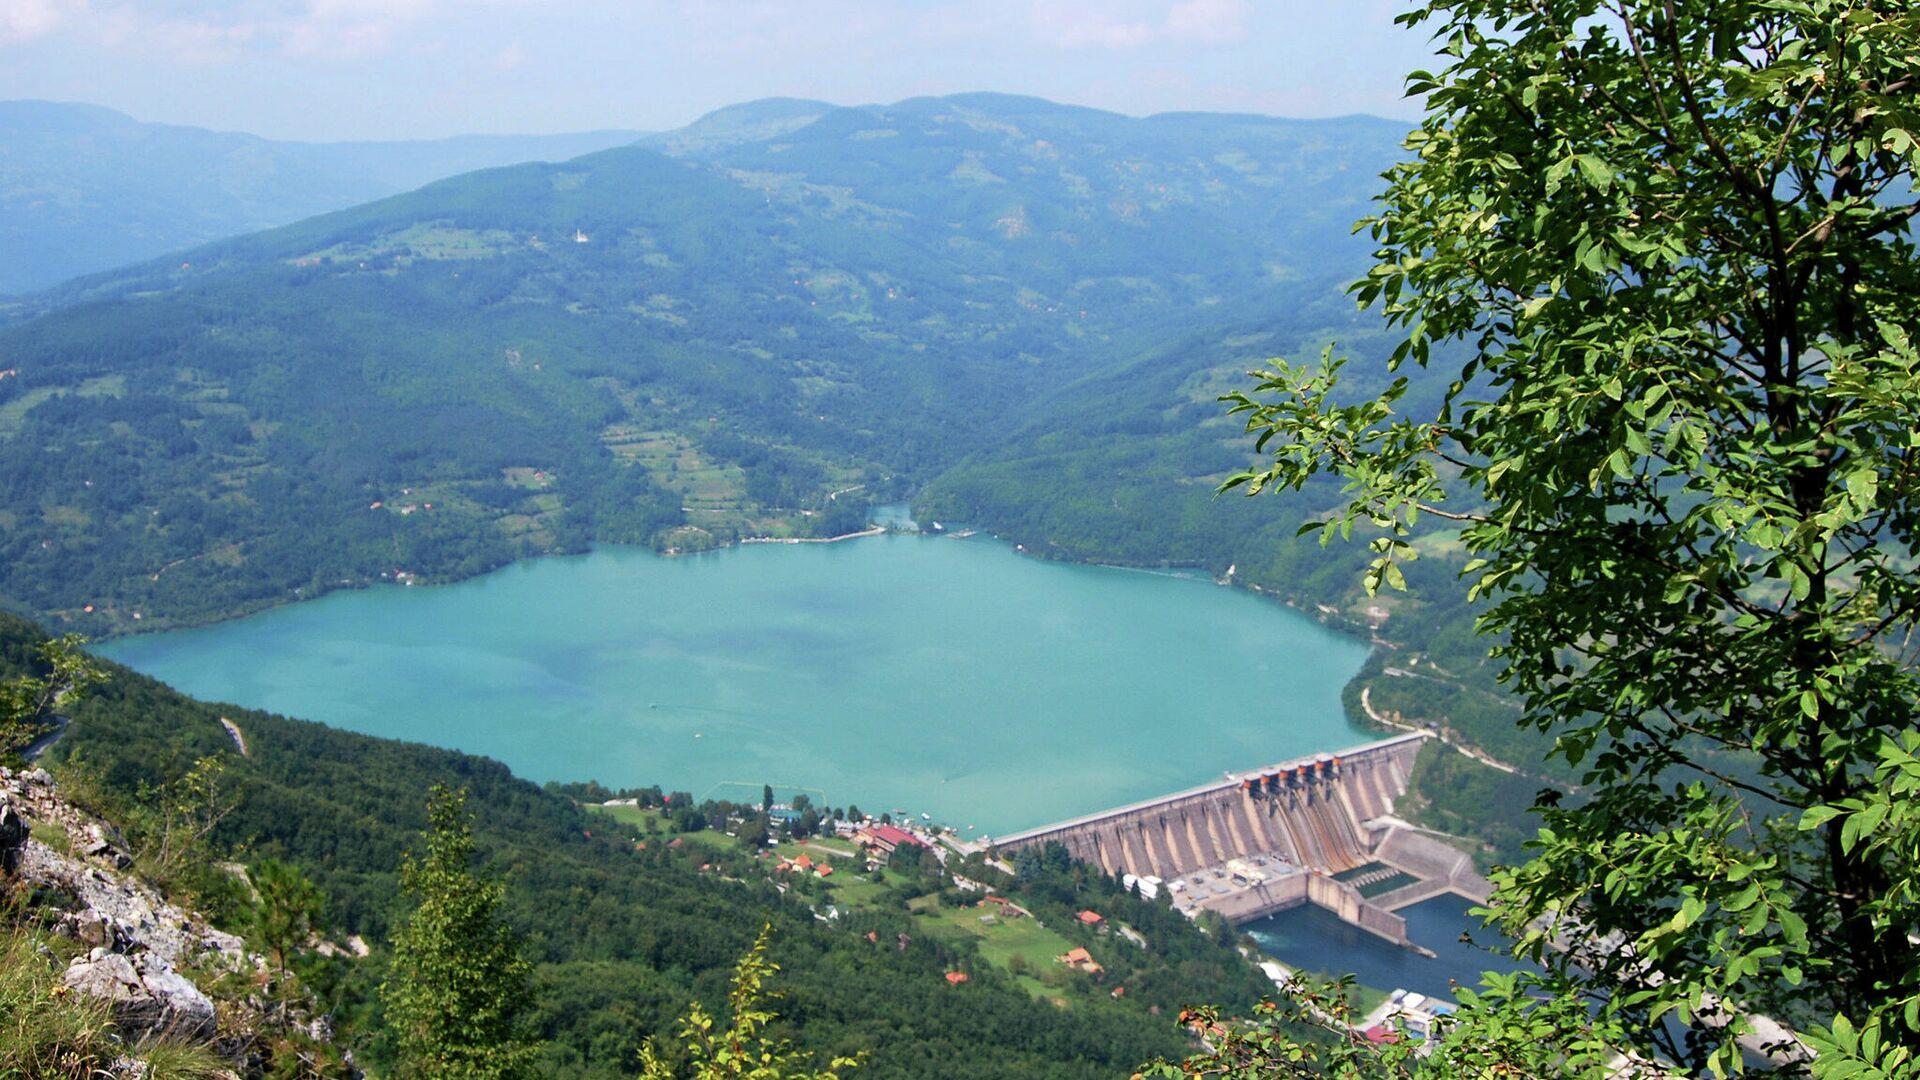 Језеро Перућац - Sputnik Србија, 1920, 14.09.2021